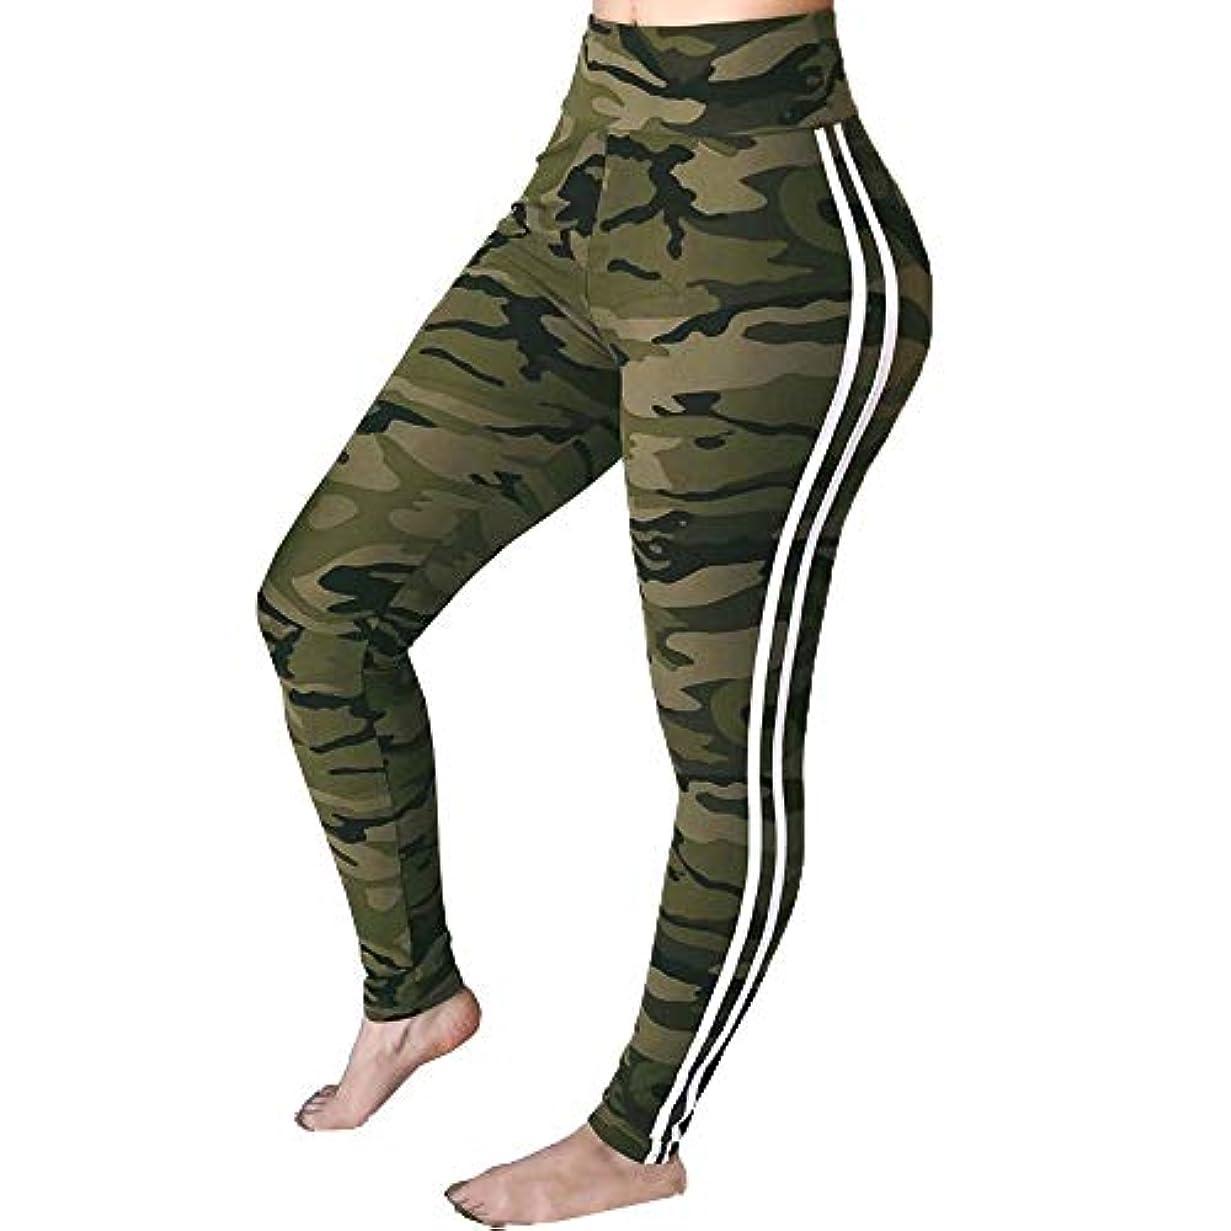 かまど使い込む低下MIFAN 女性パンツ、ロングパンツ、ハイウエストパンツ、スポーツパンツ、スキニーパンツ、ヨガパンツ、